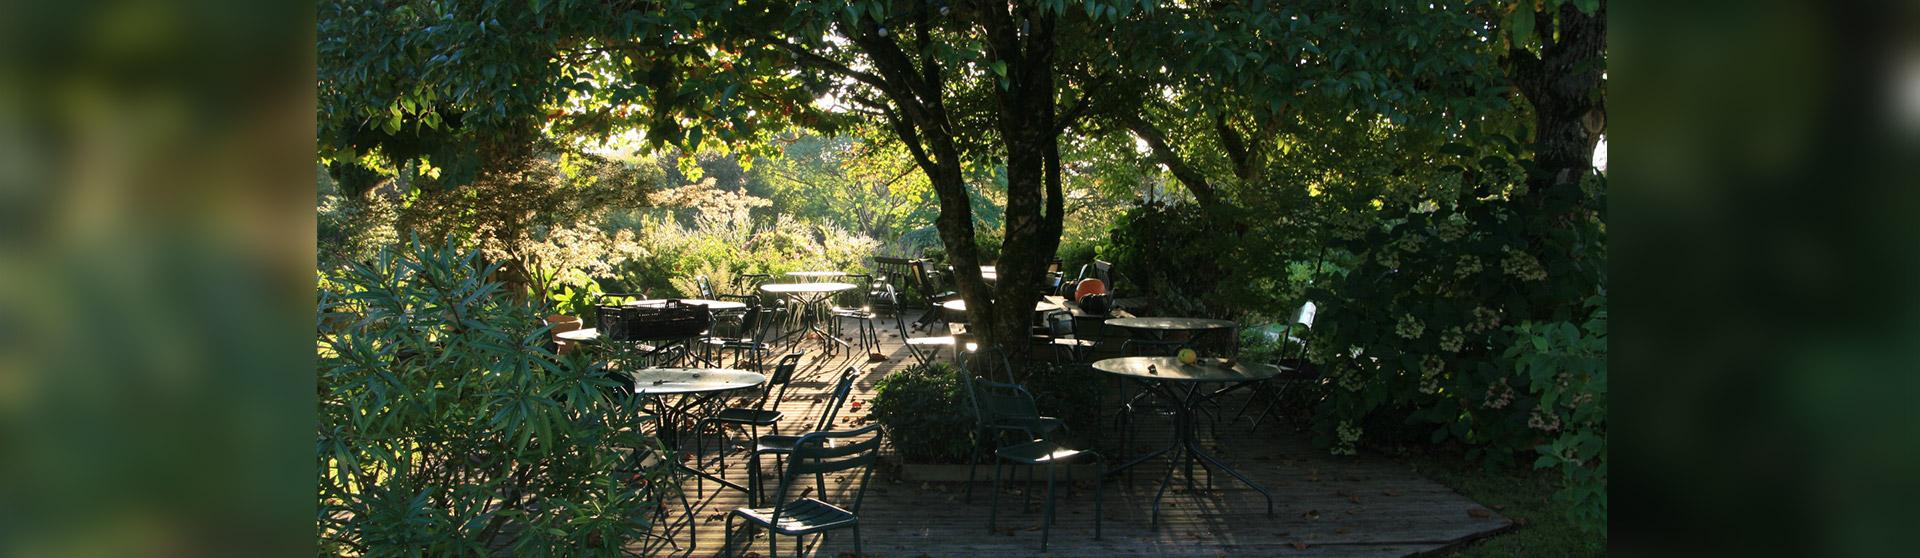 Horaires d 39 ouverture jardins de coursiana - Horaire d ouverture jardin des plantes ...